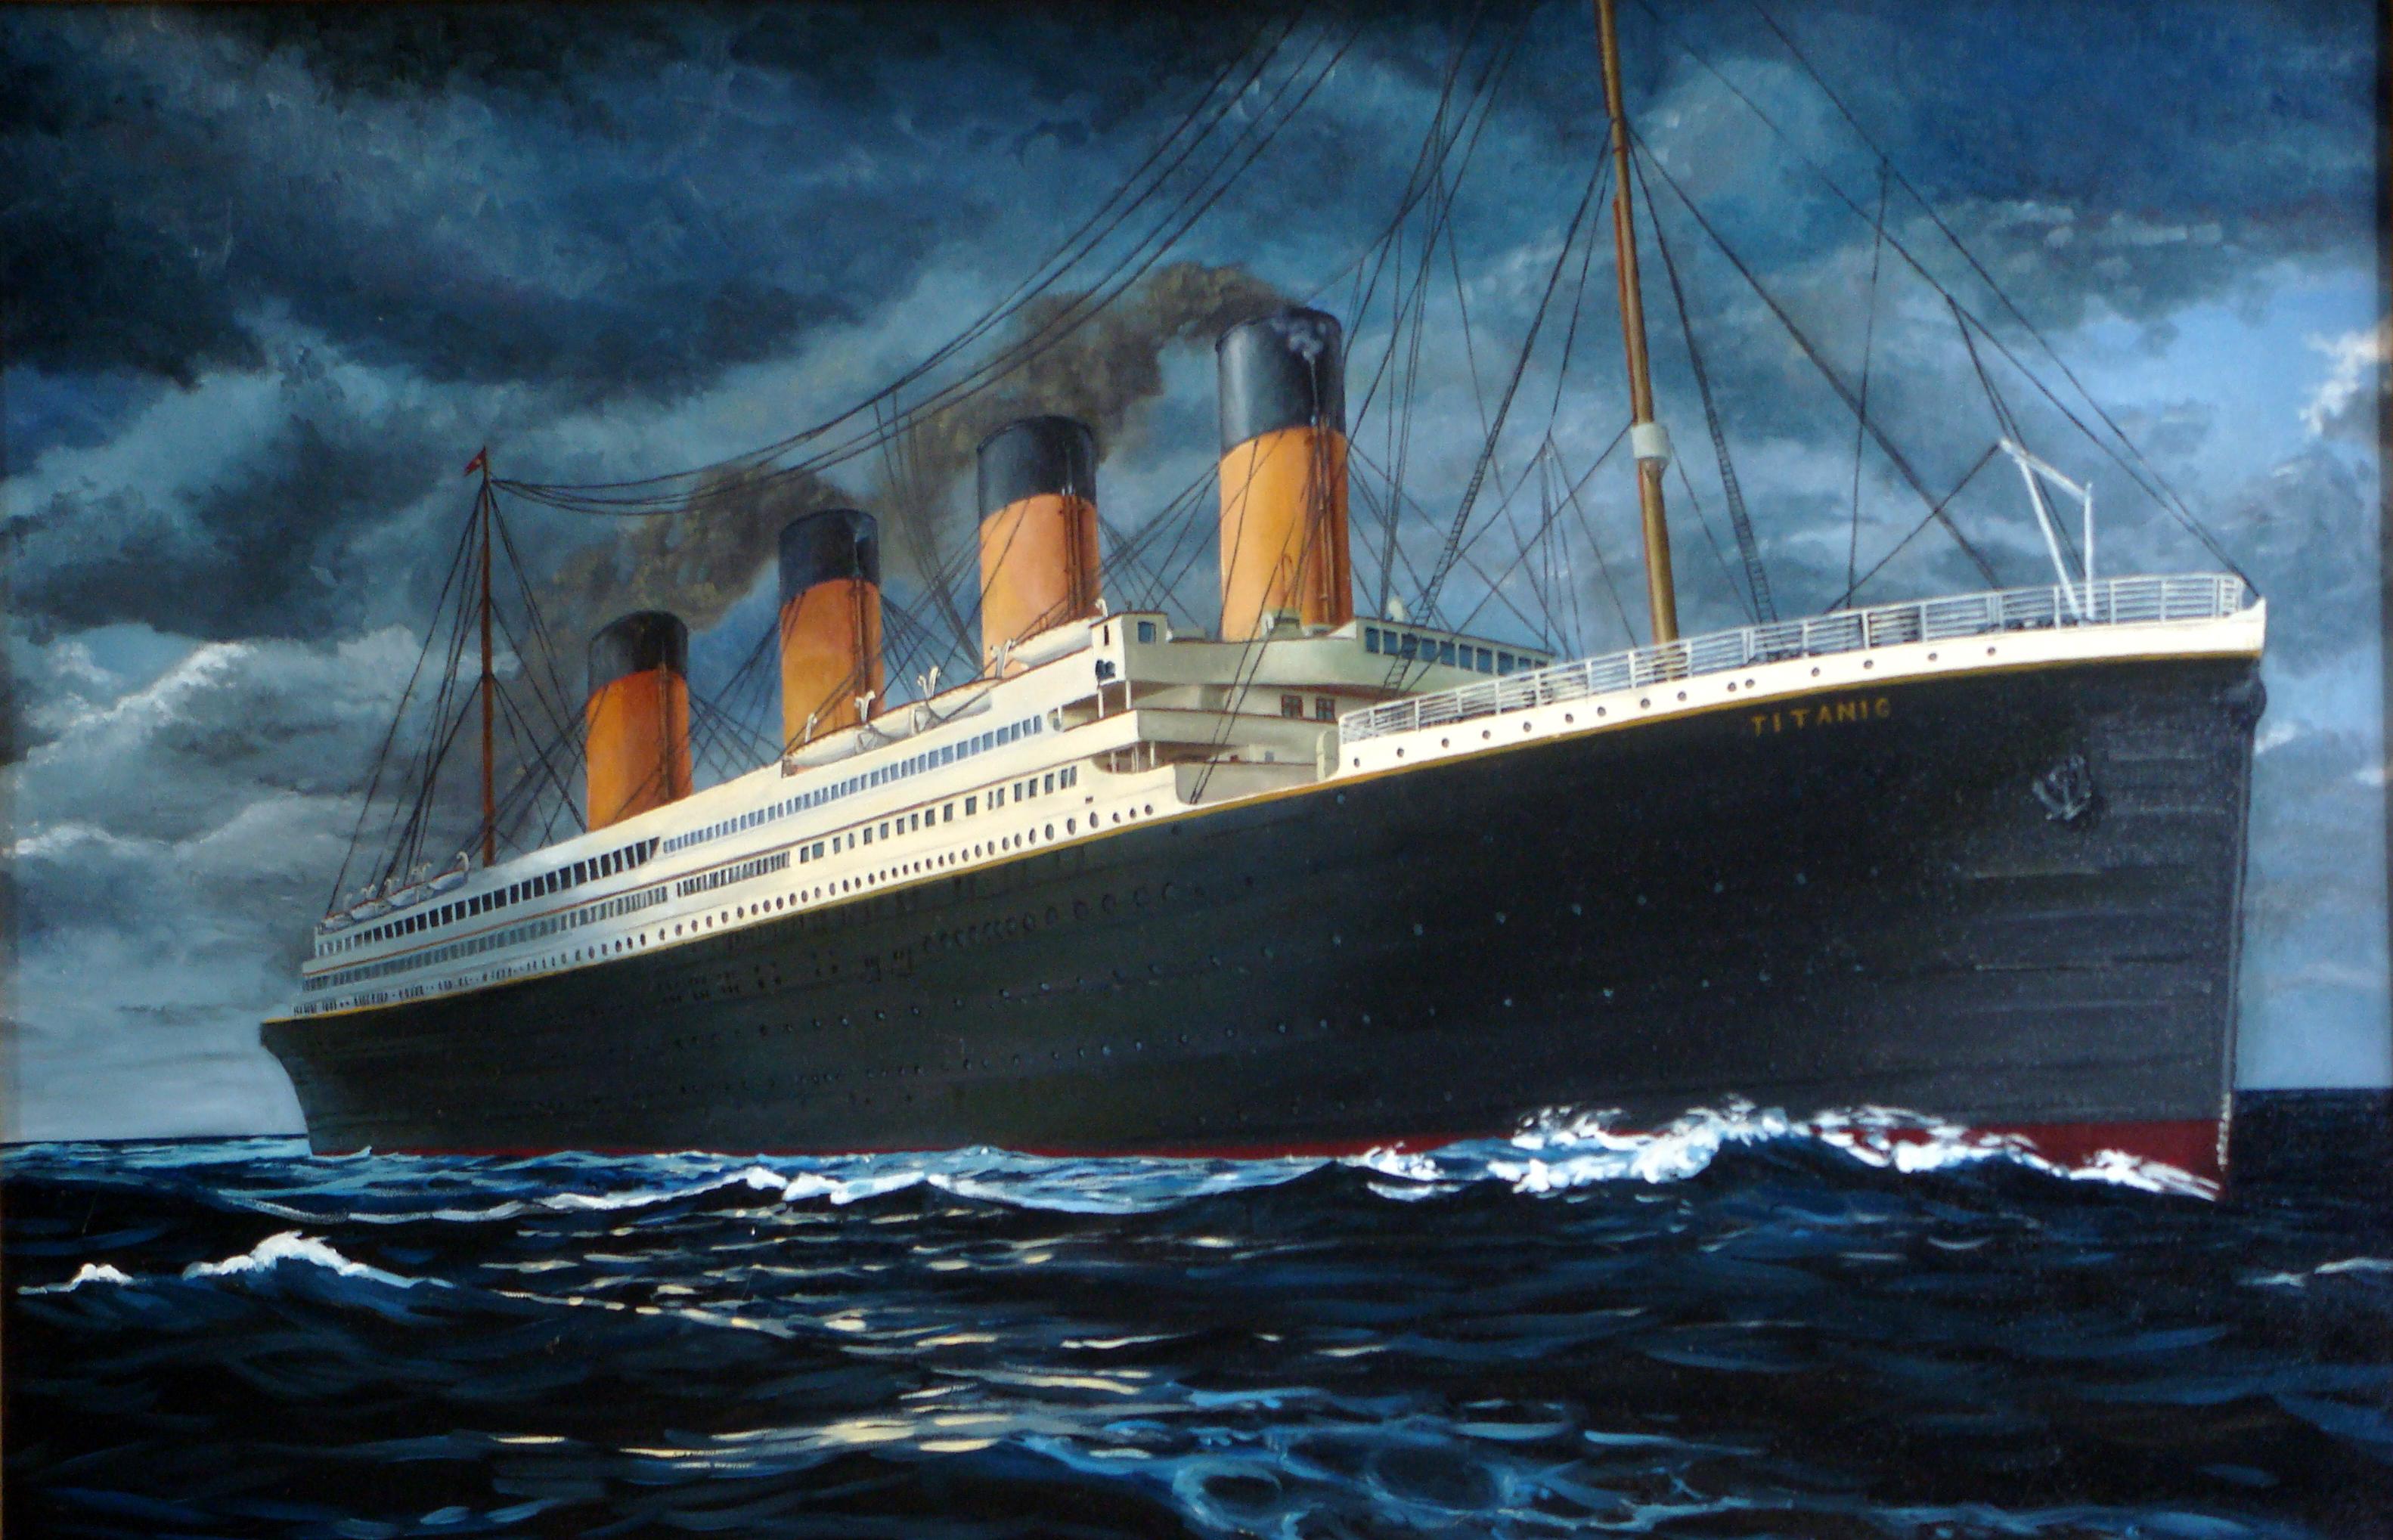 Titanic-Marschal Copy Study by amadscientist